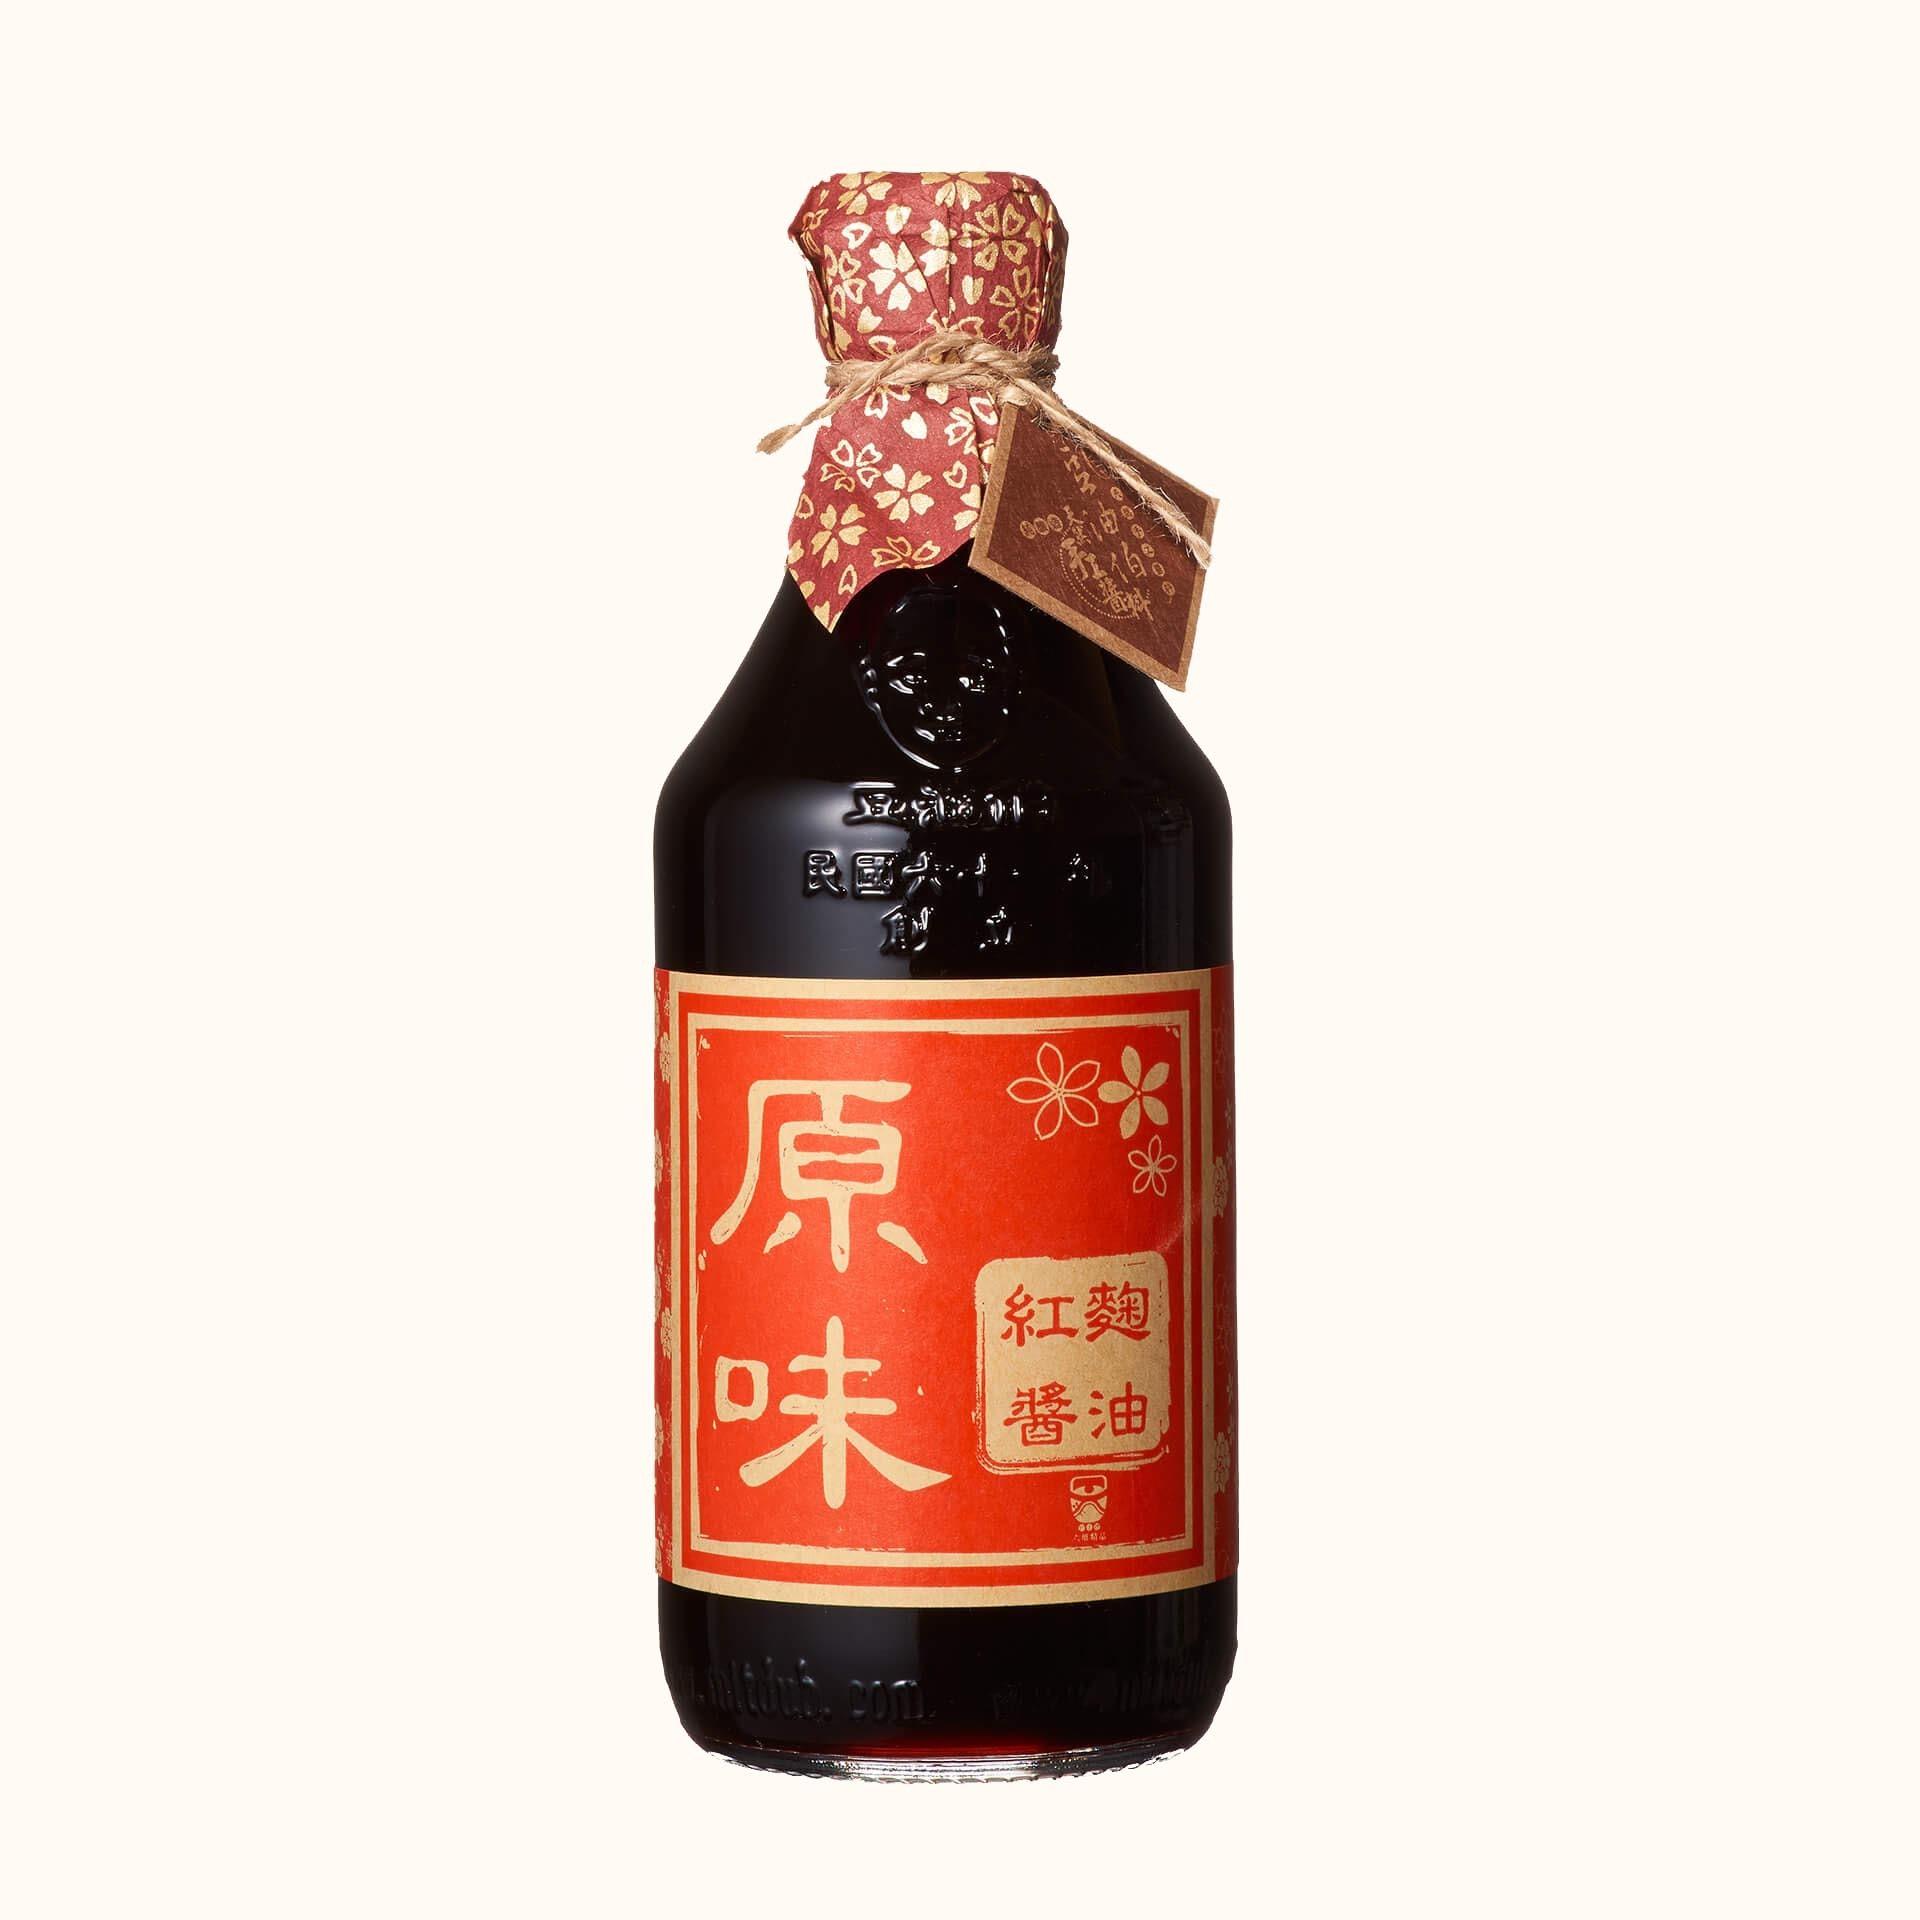 豆油伯原味紅麴釀造醬油500ml (禮盒)